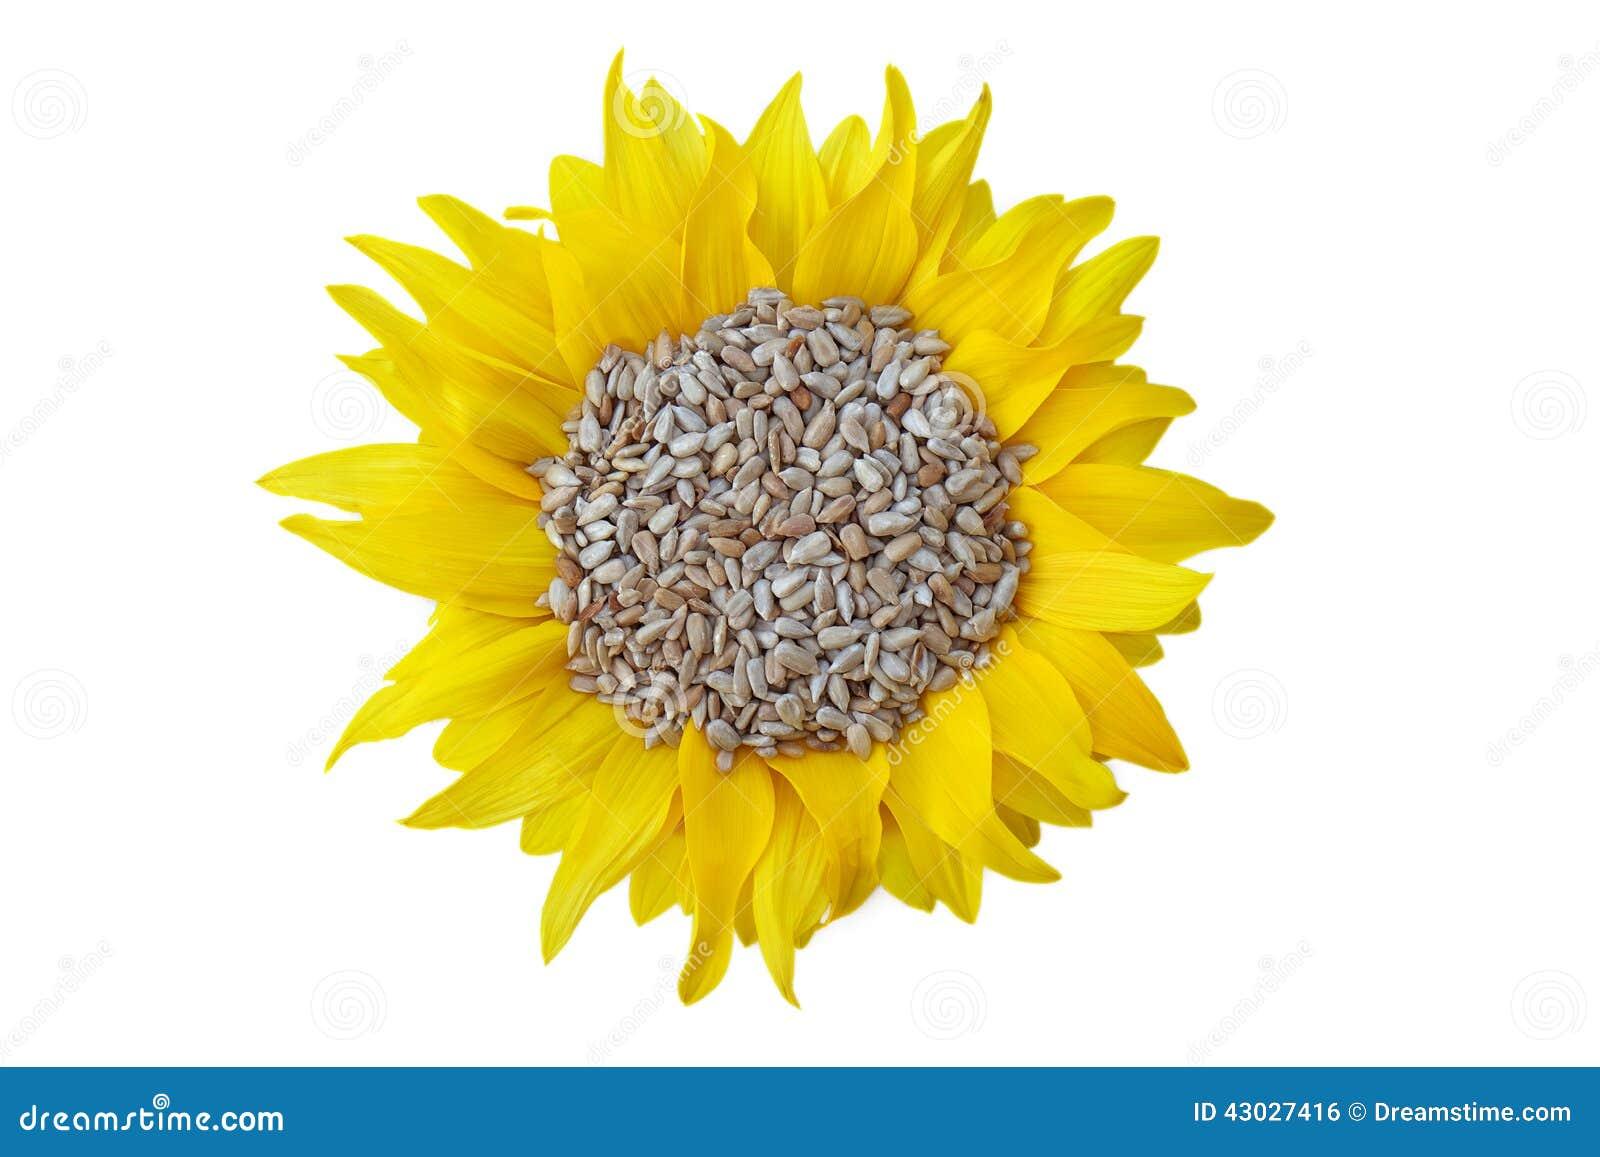 向日葵种子_在瓣的被剥皮的向日葵种子在白色背景.